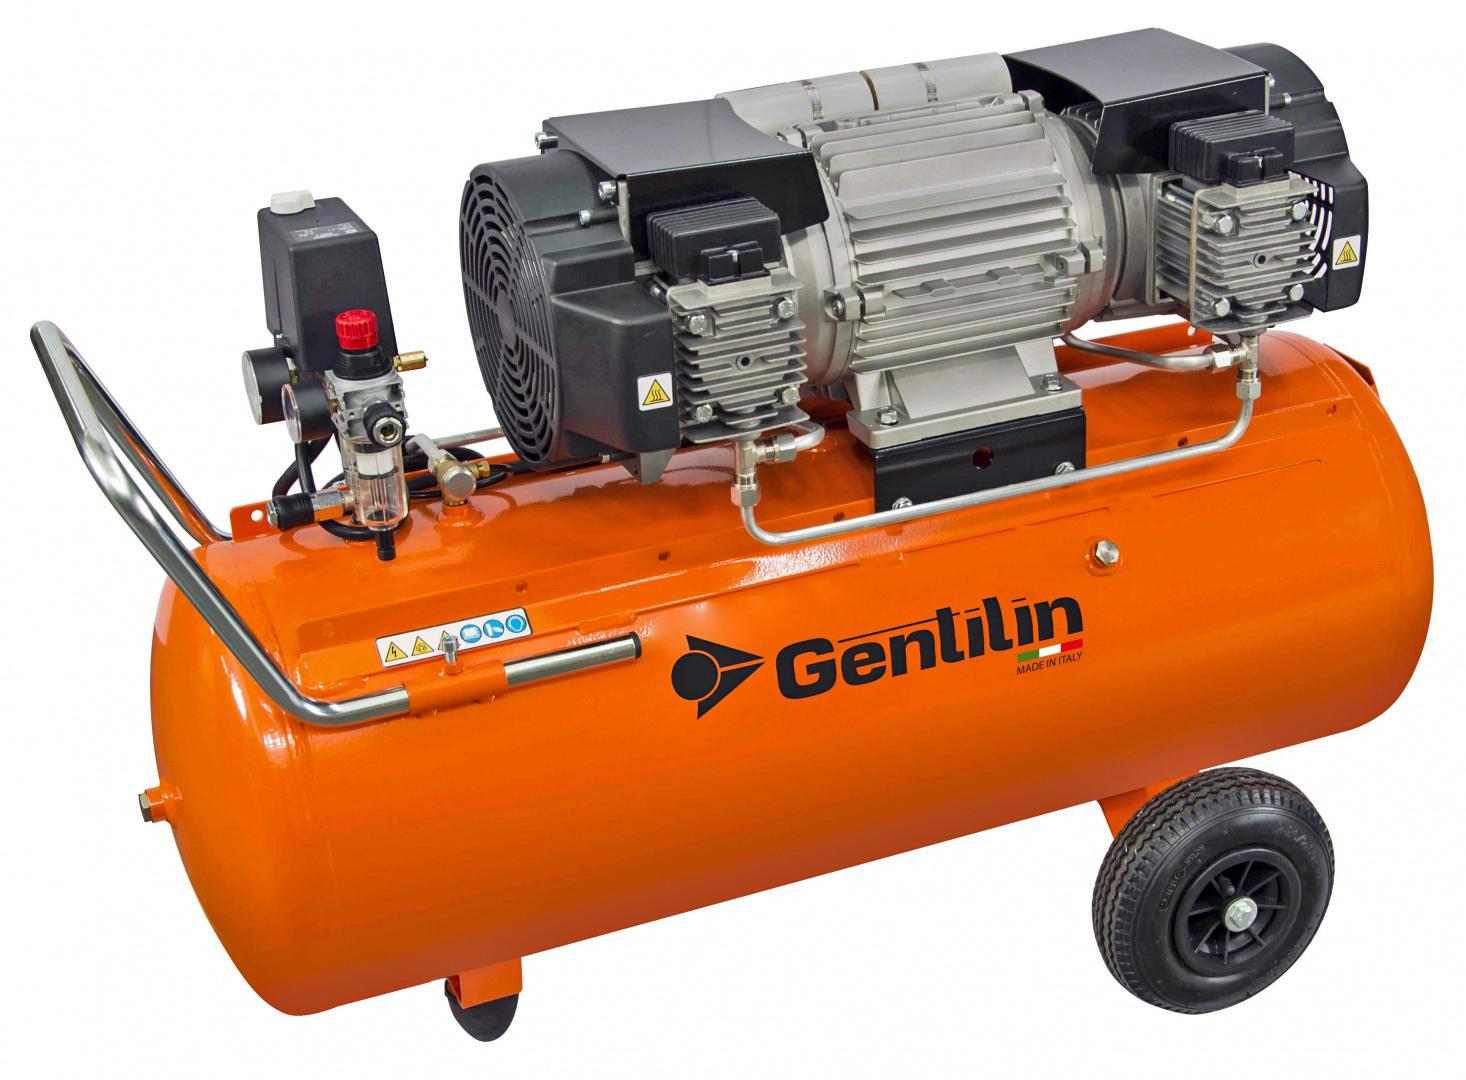 Gentilin E660/100 Image